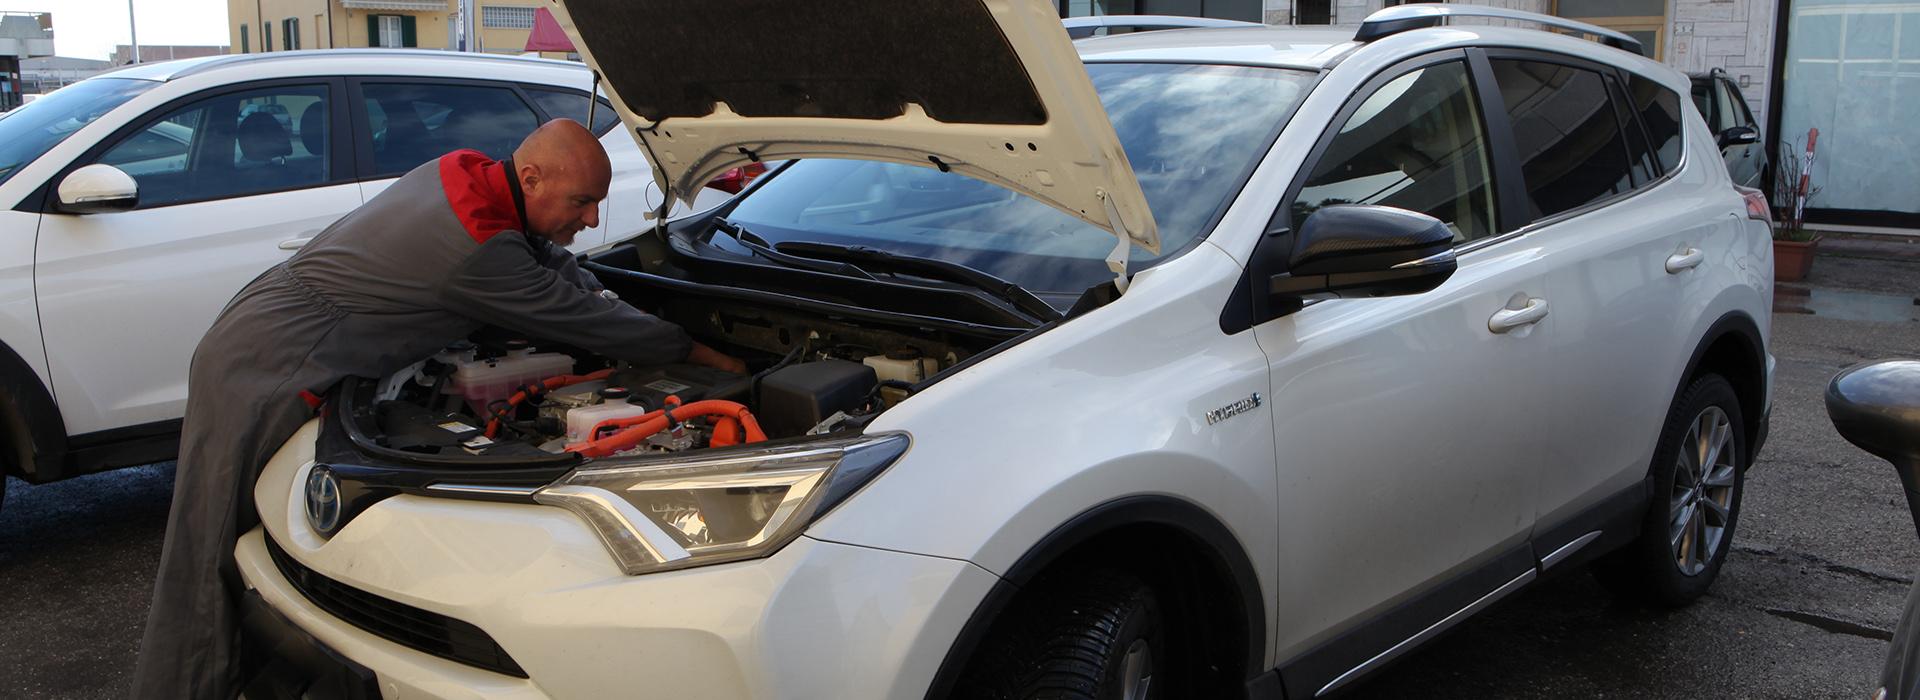 Installazioni GPL Officina Auto Sprint a San Benedetto del Tronto - Ascoli Piceno